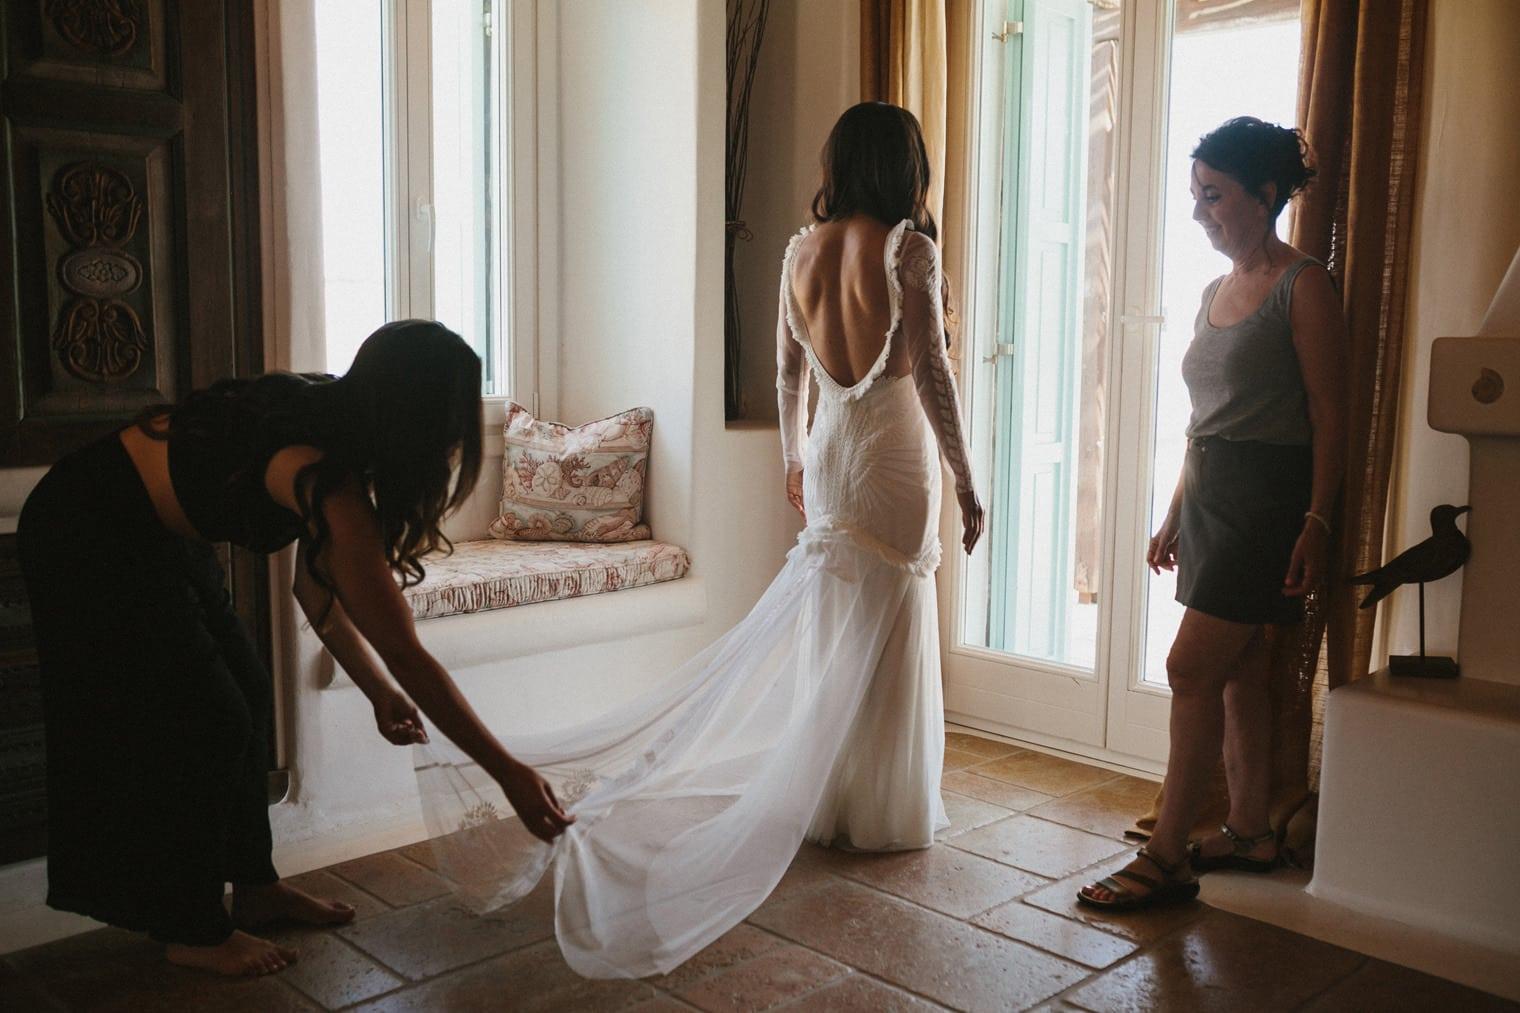 Rue De Siene Wedding Dress, Greece wedding